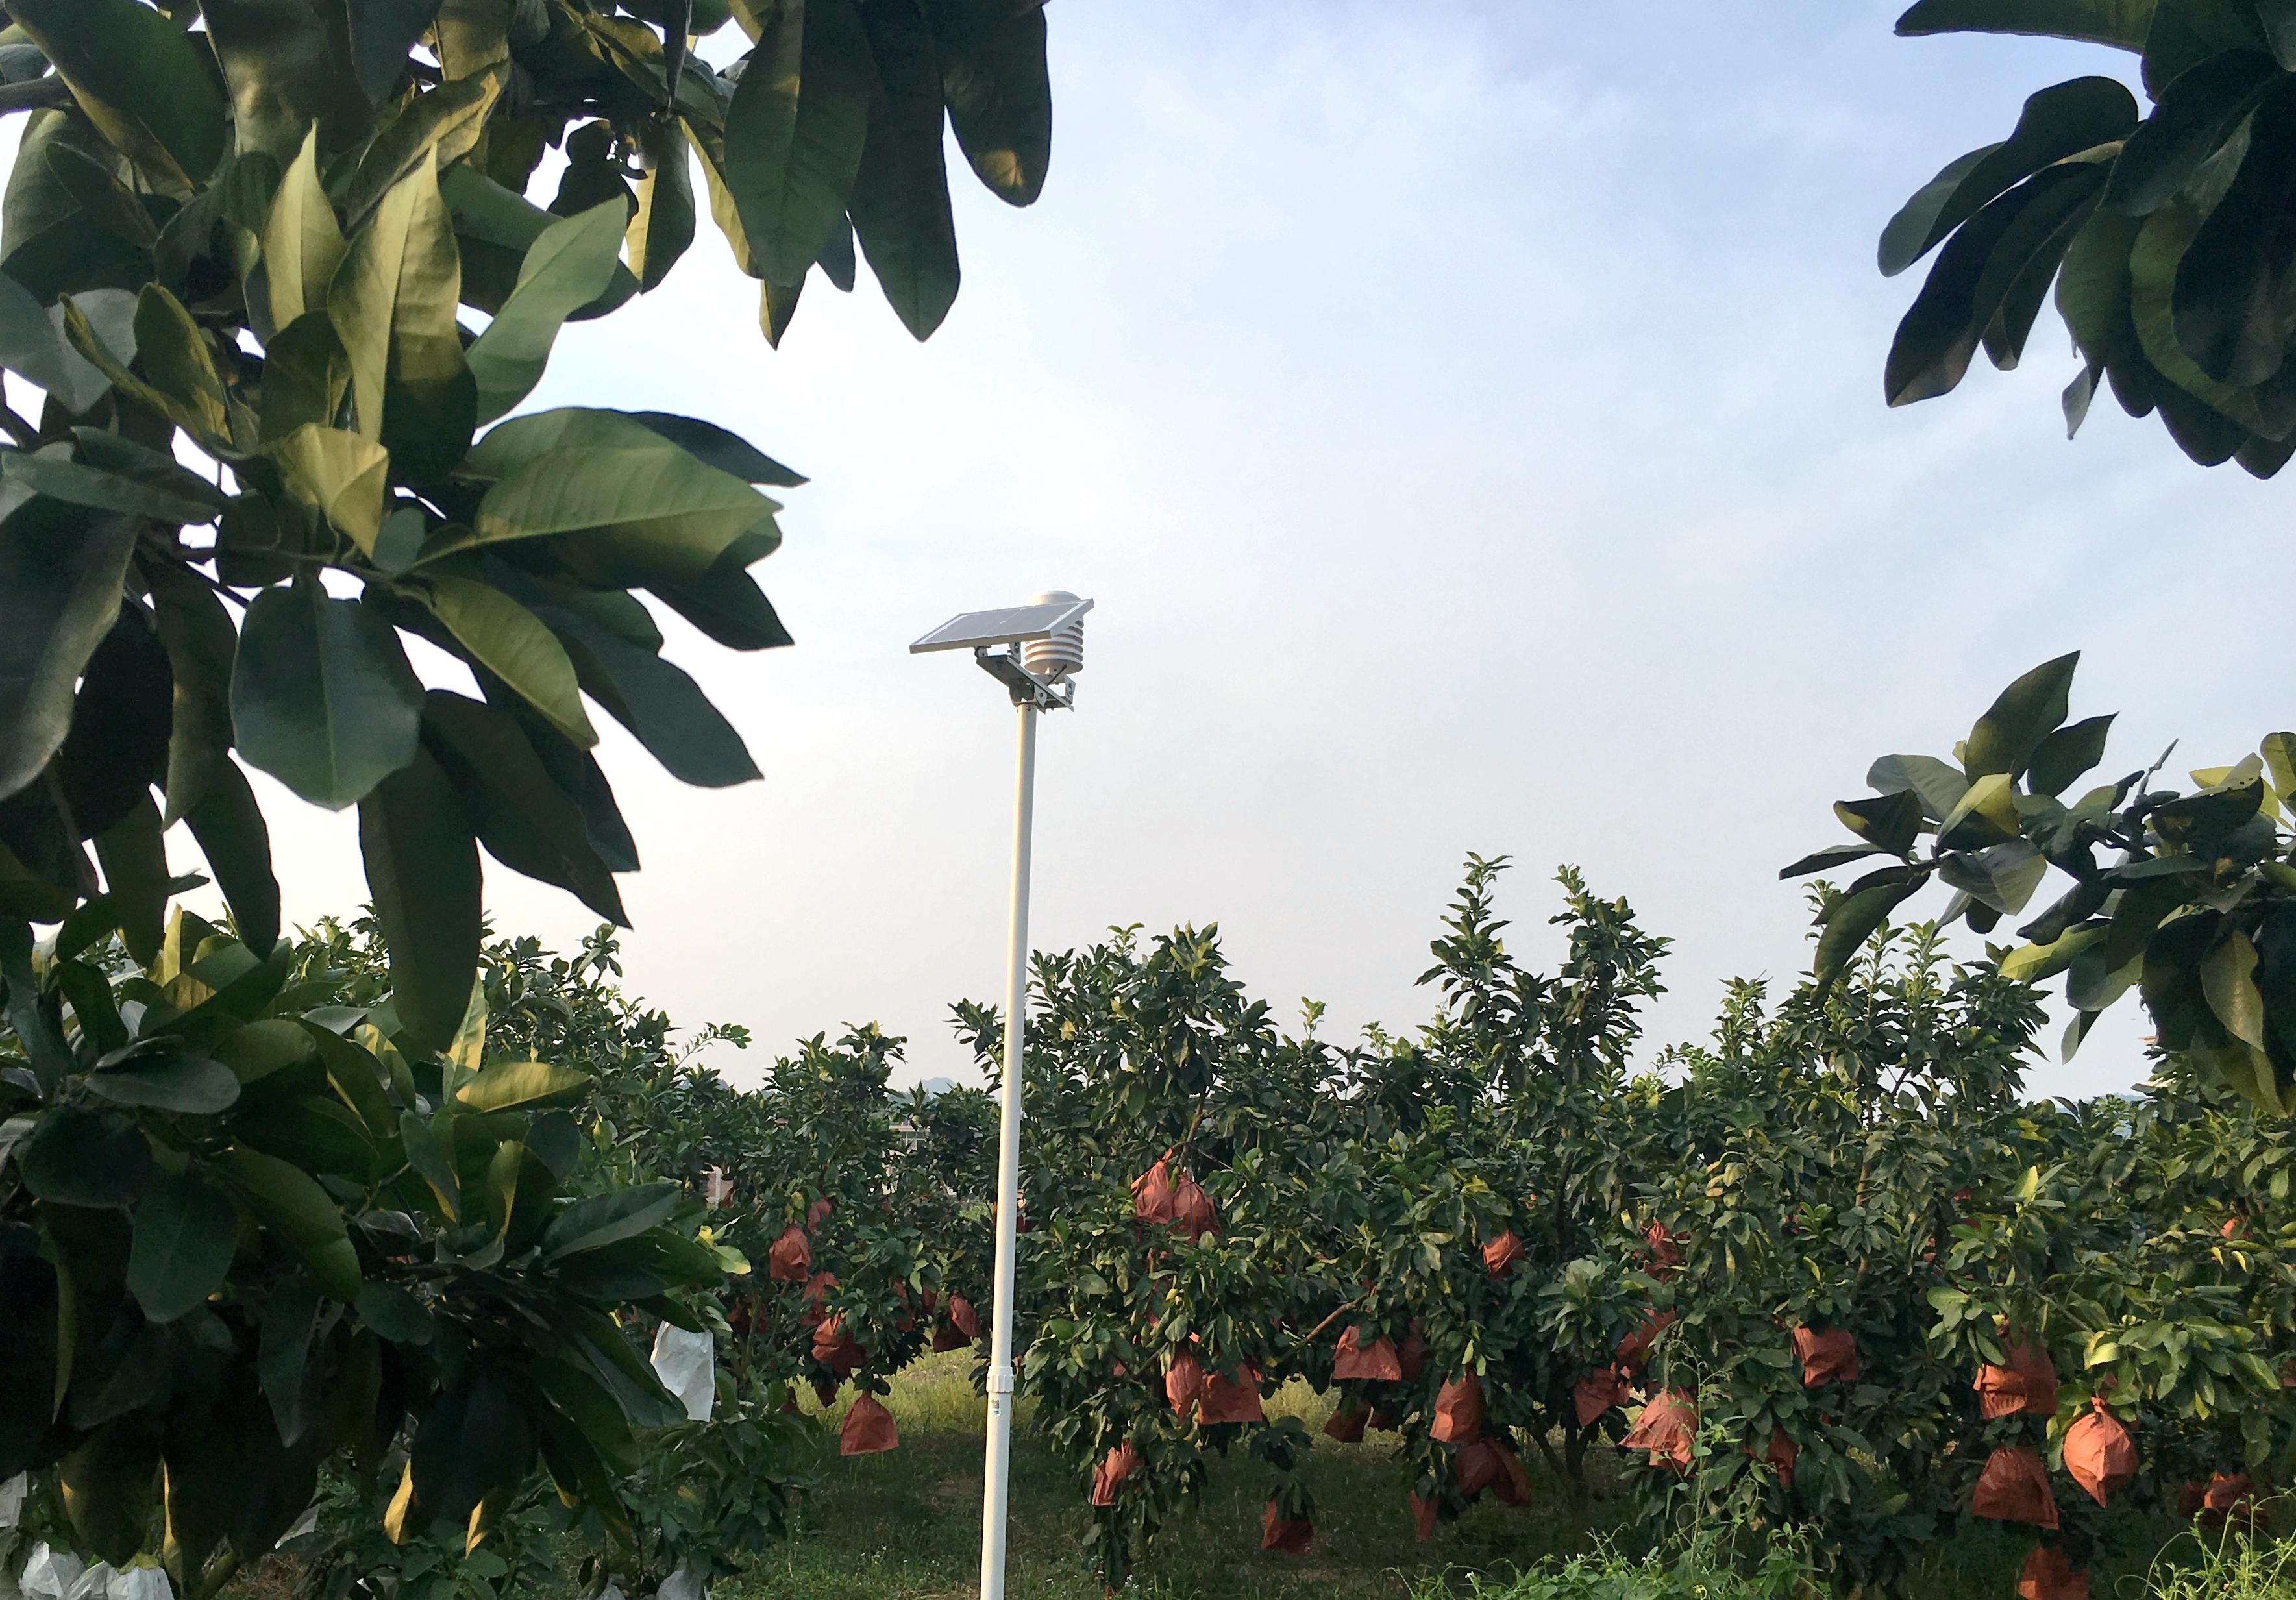 耘小宝服务智慧果业生产招牌果基地――福建三红蜜柚,异常气象提前预警